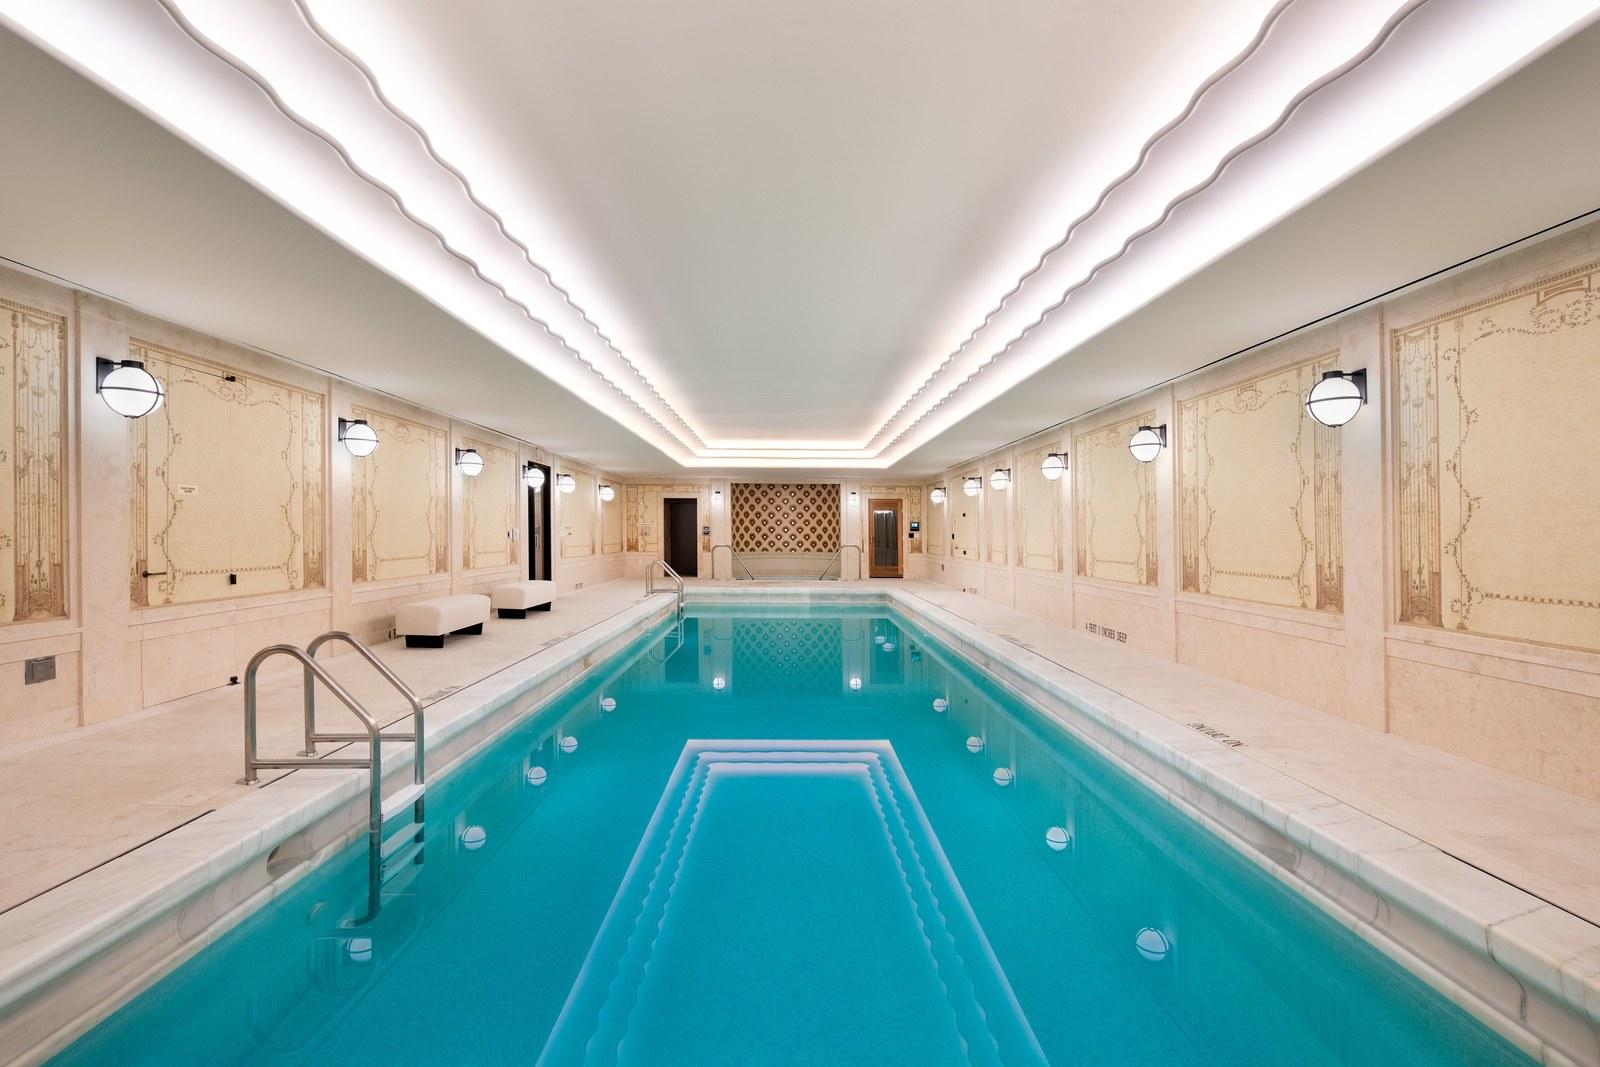 حمام السباحة بداخل المبنى